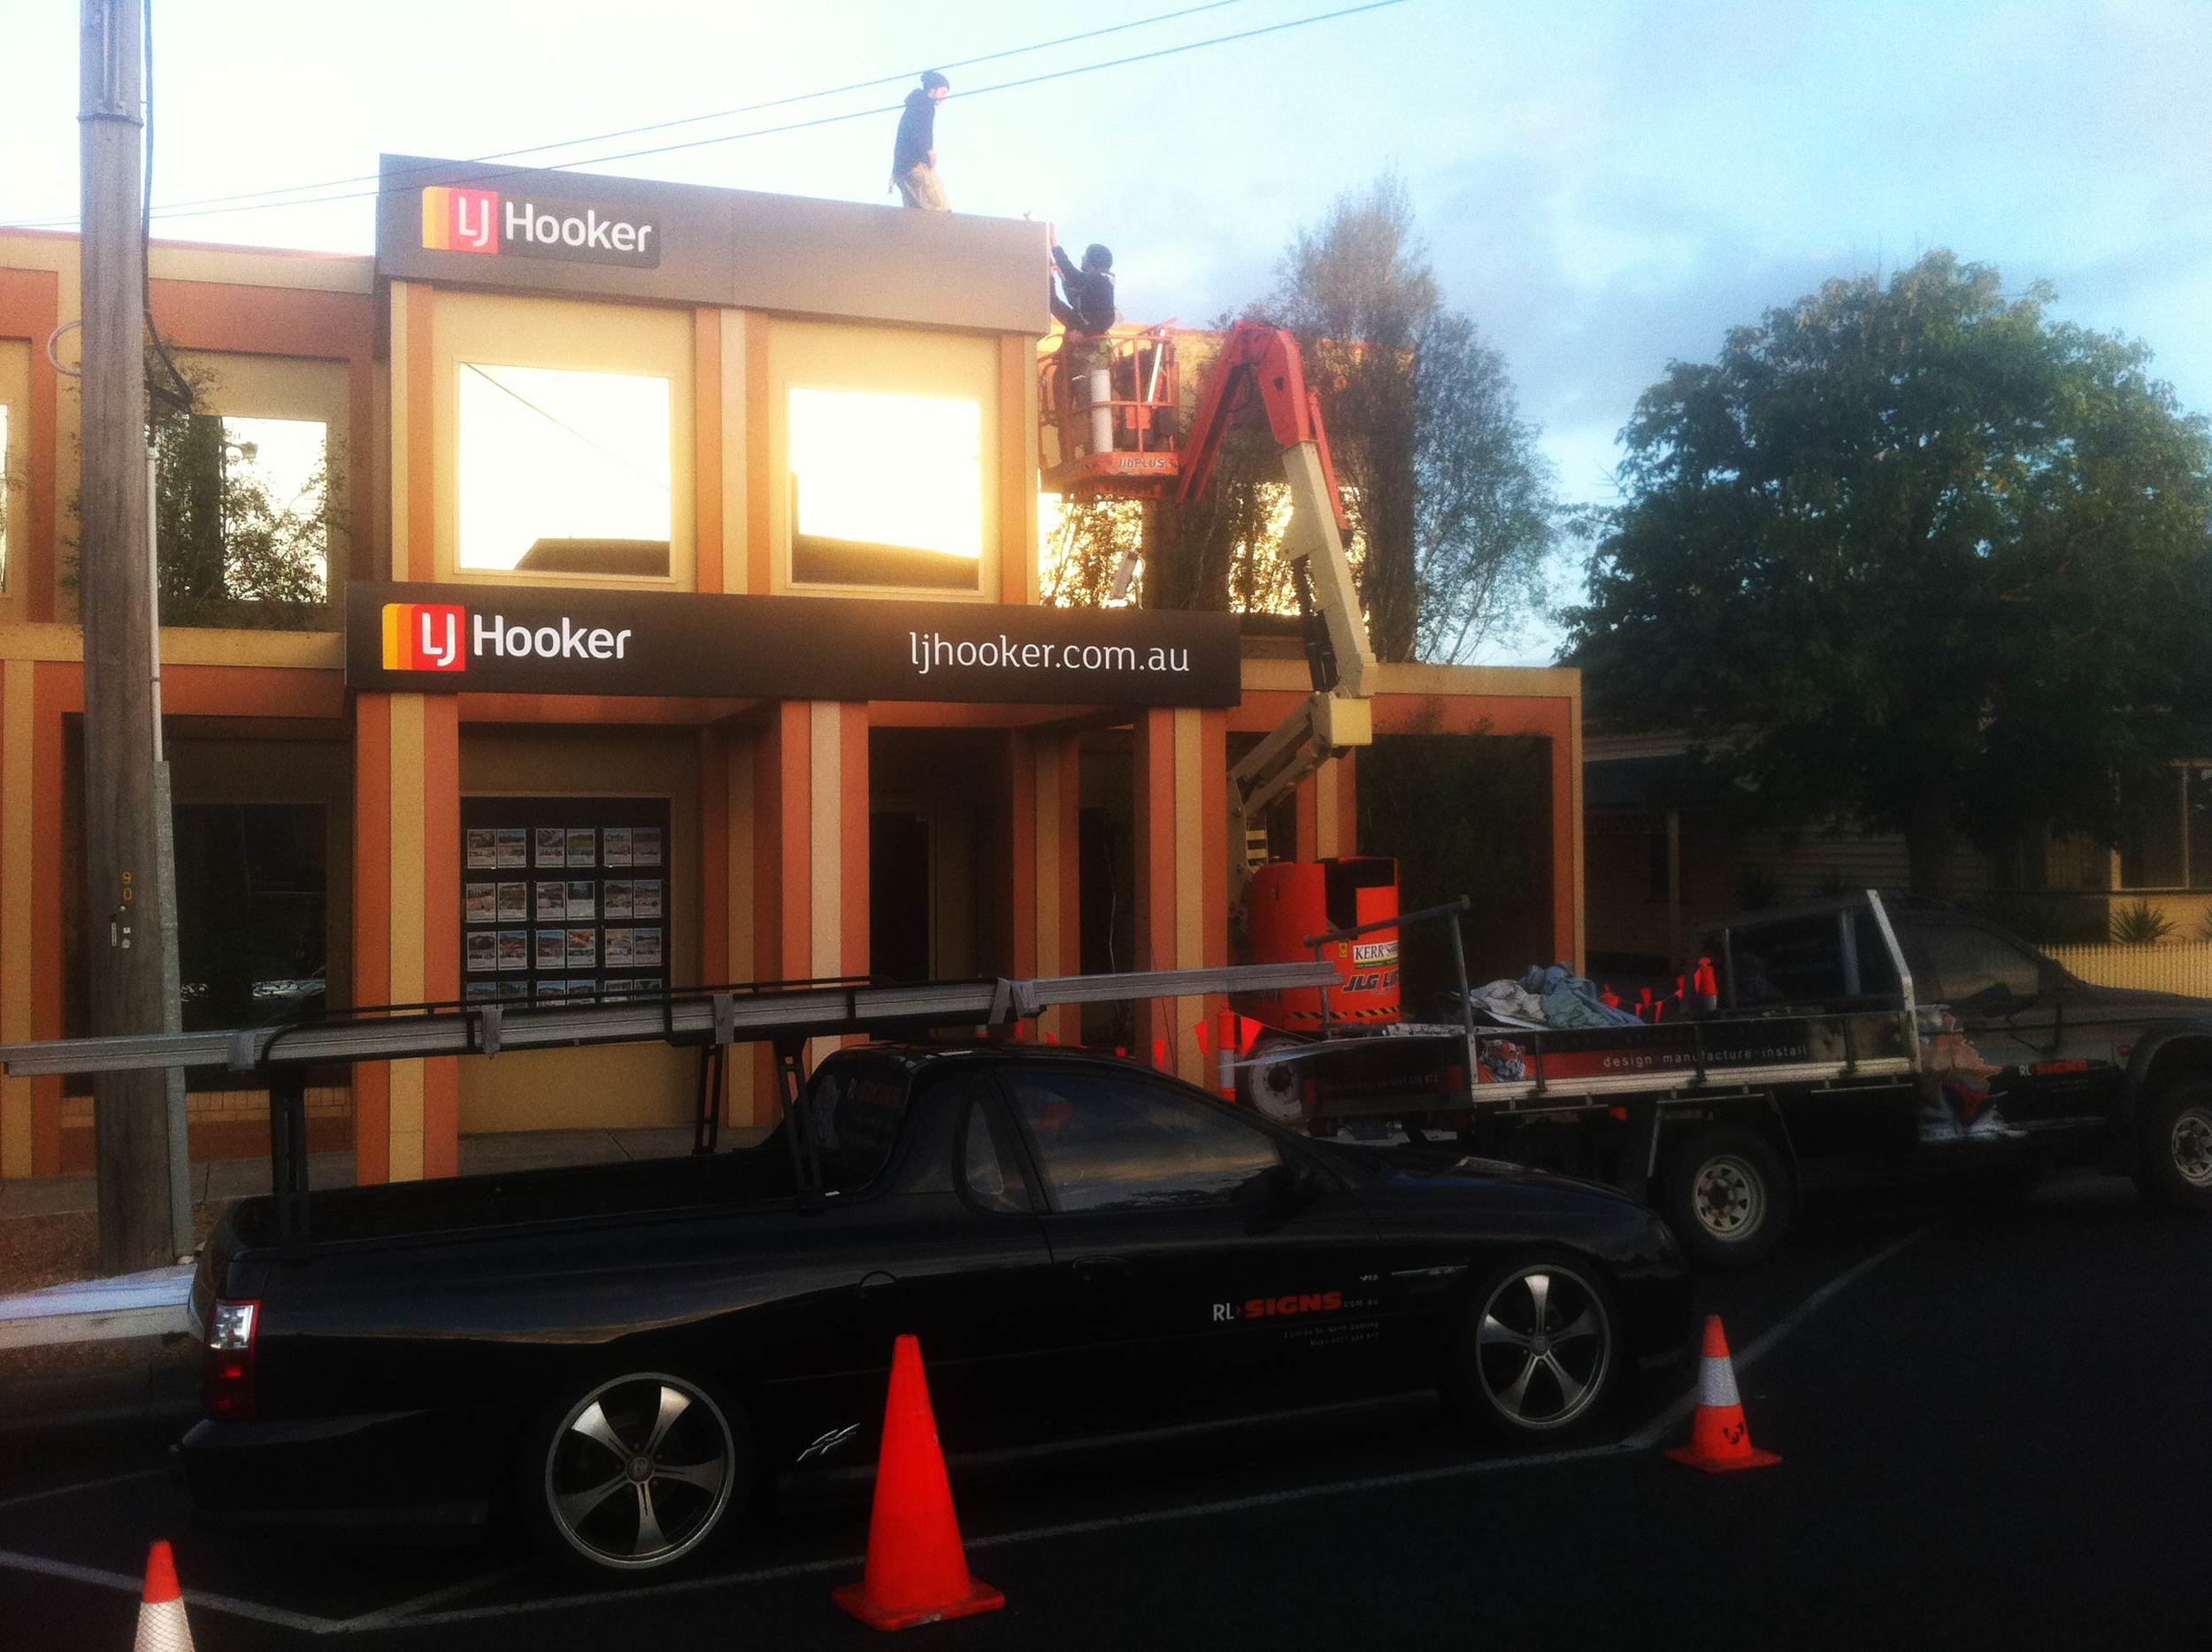 LJ Hooker Corporate Signs Geelong.jpg